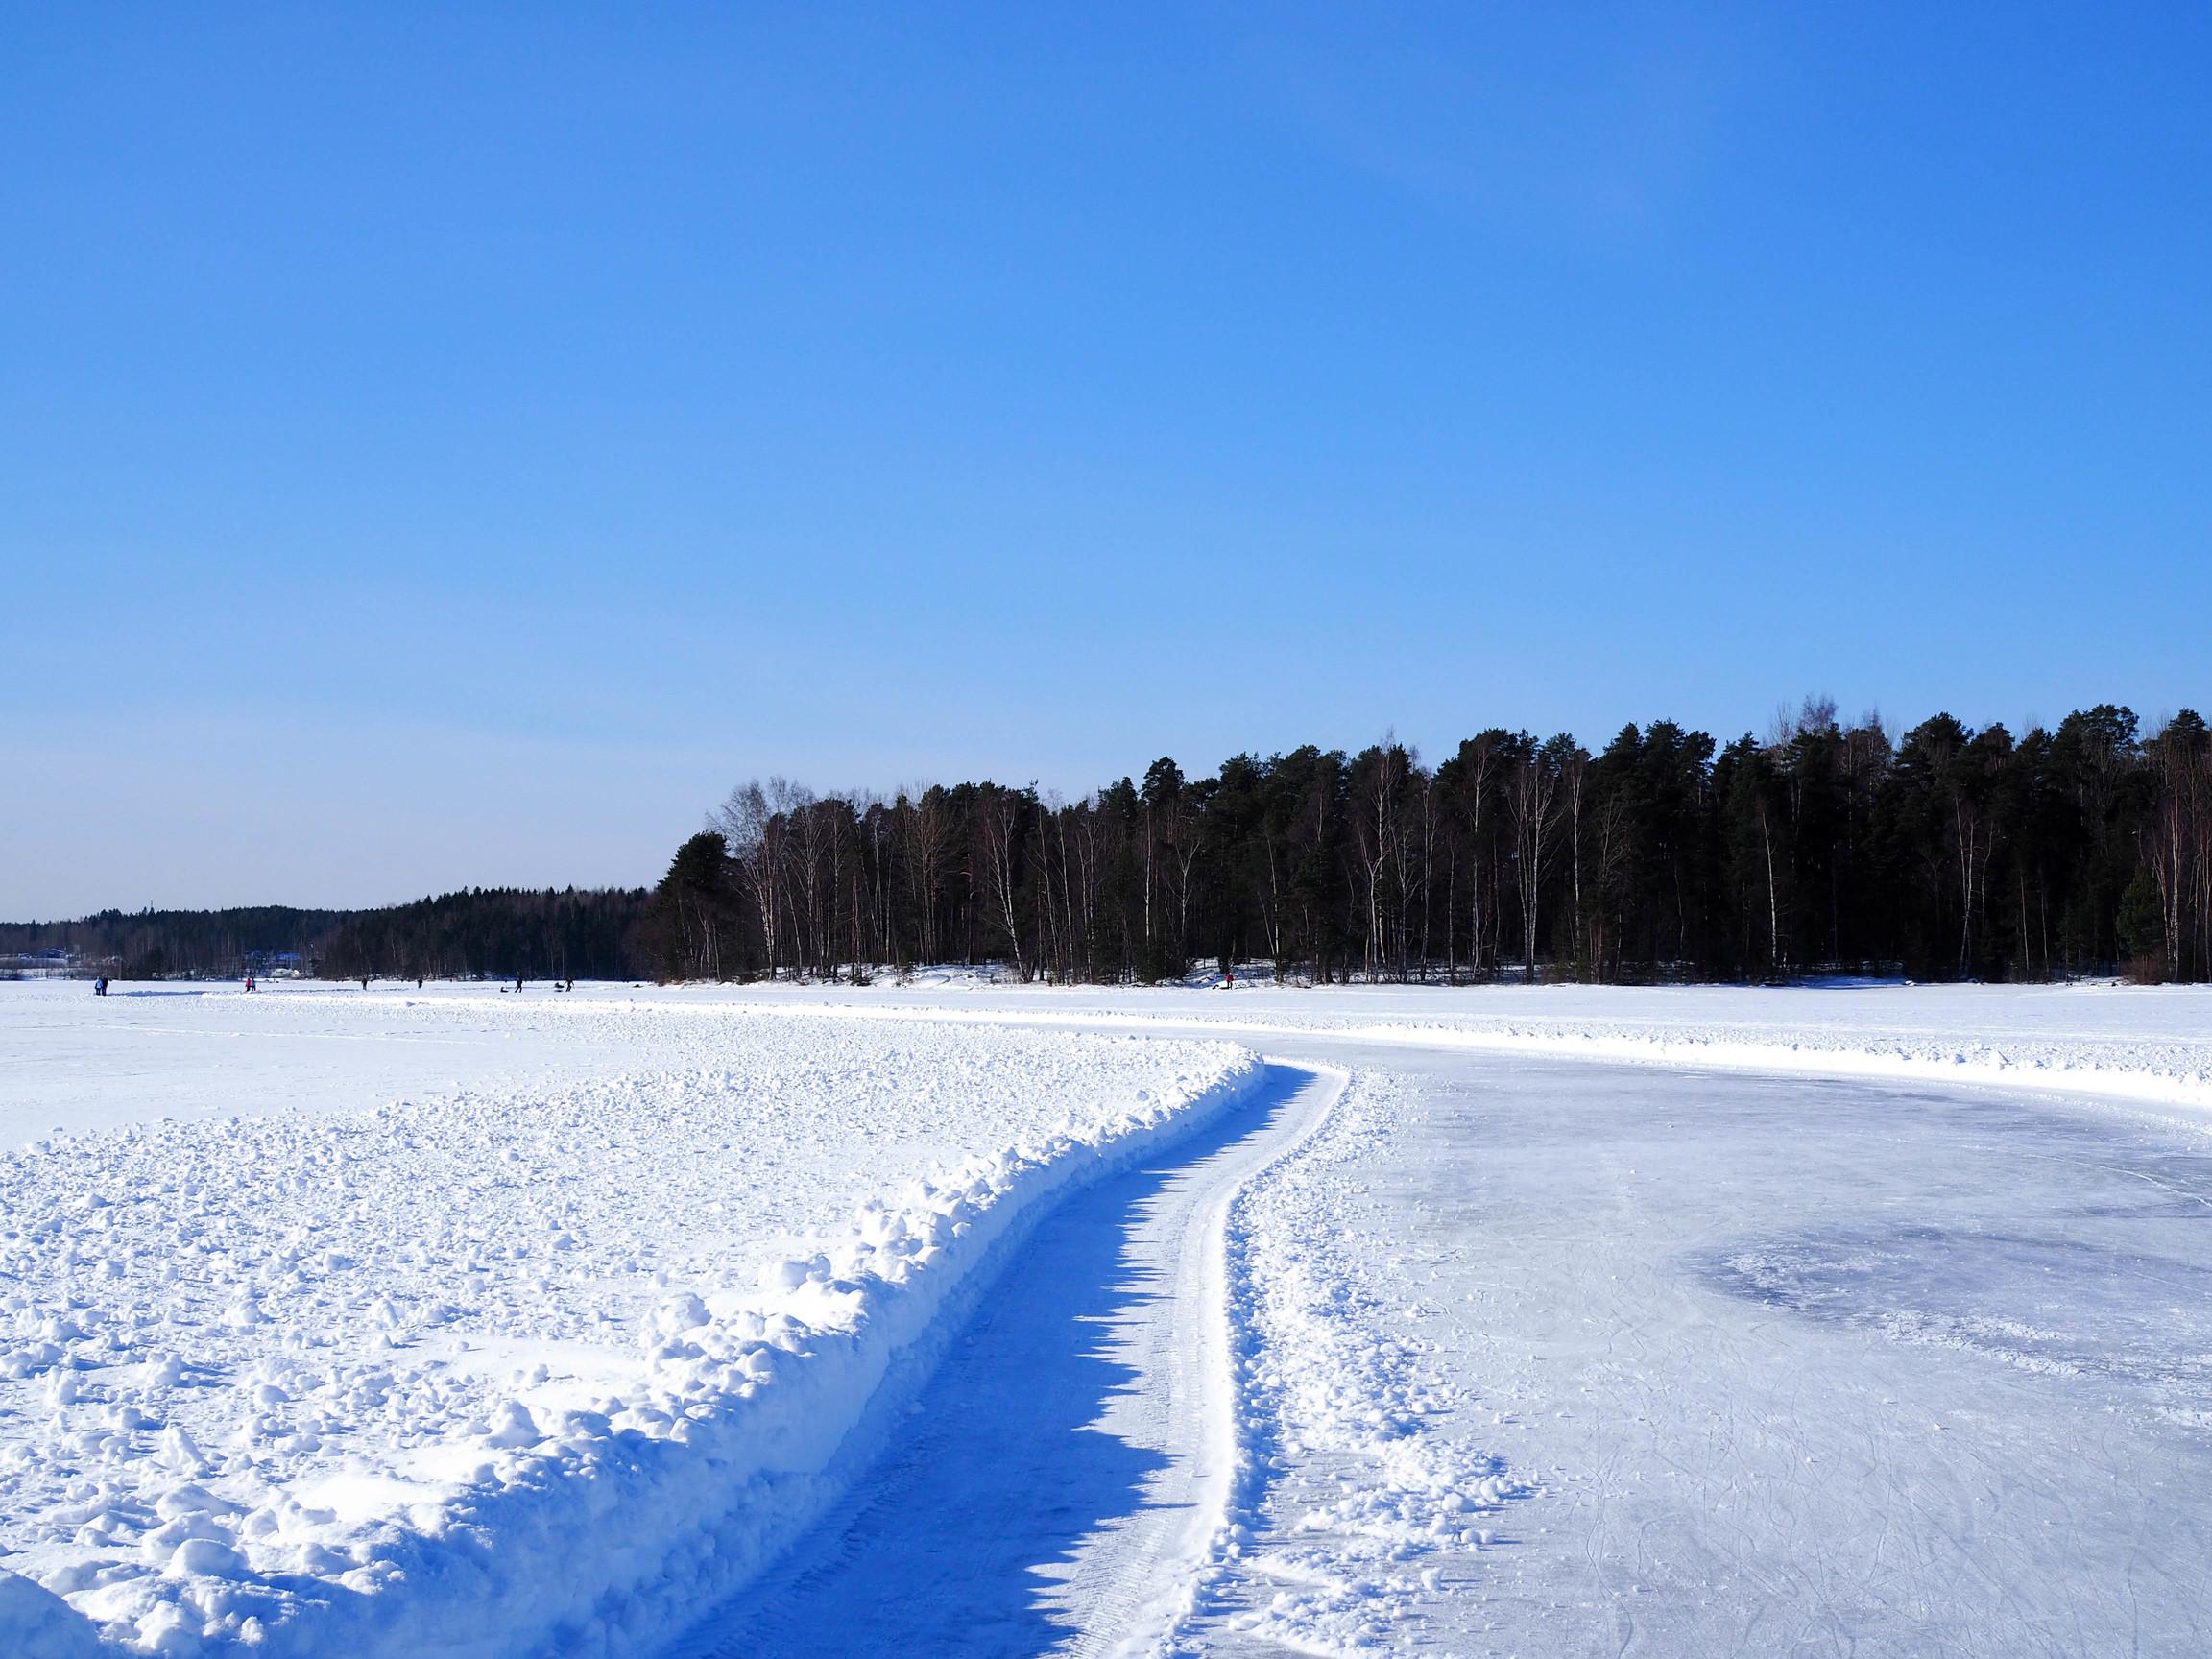 Parasta tekemistä talvipäivänä